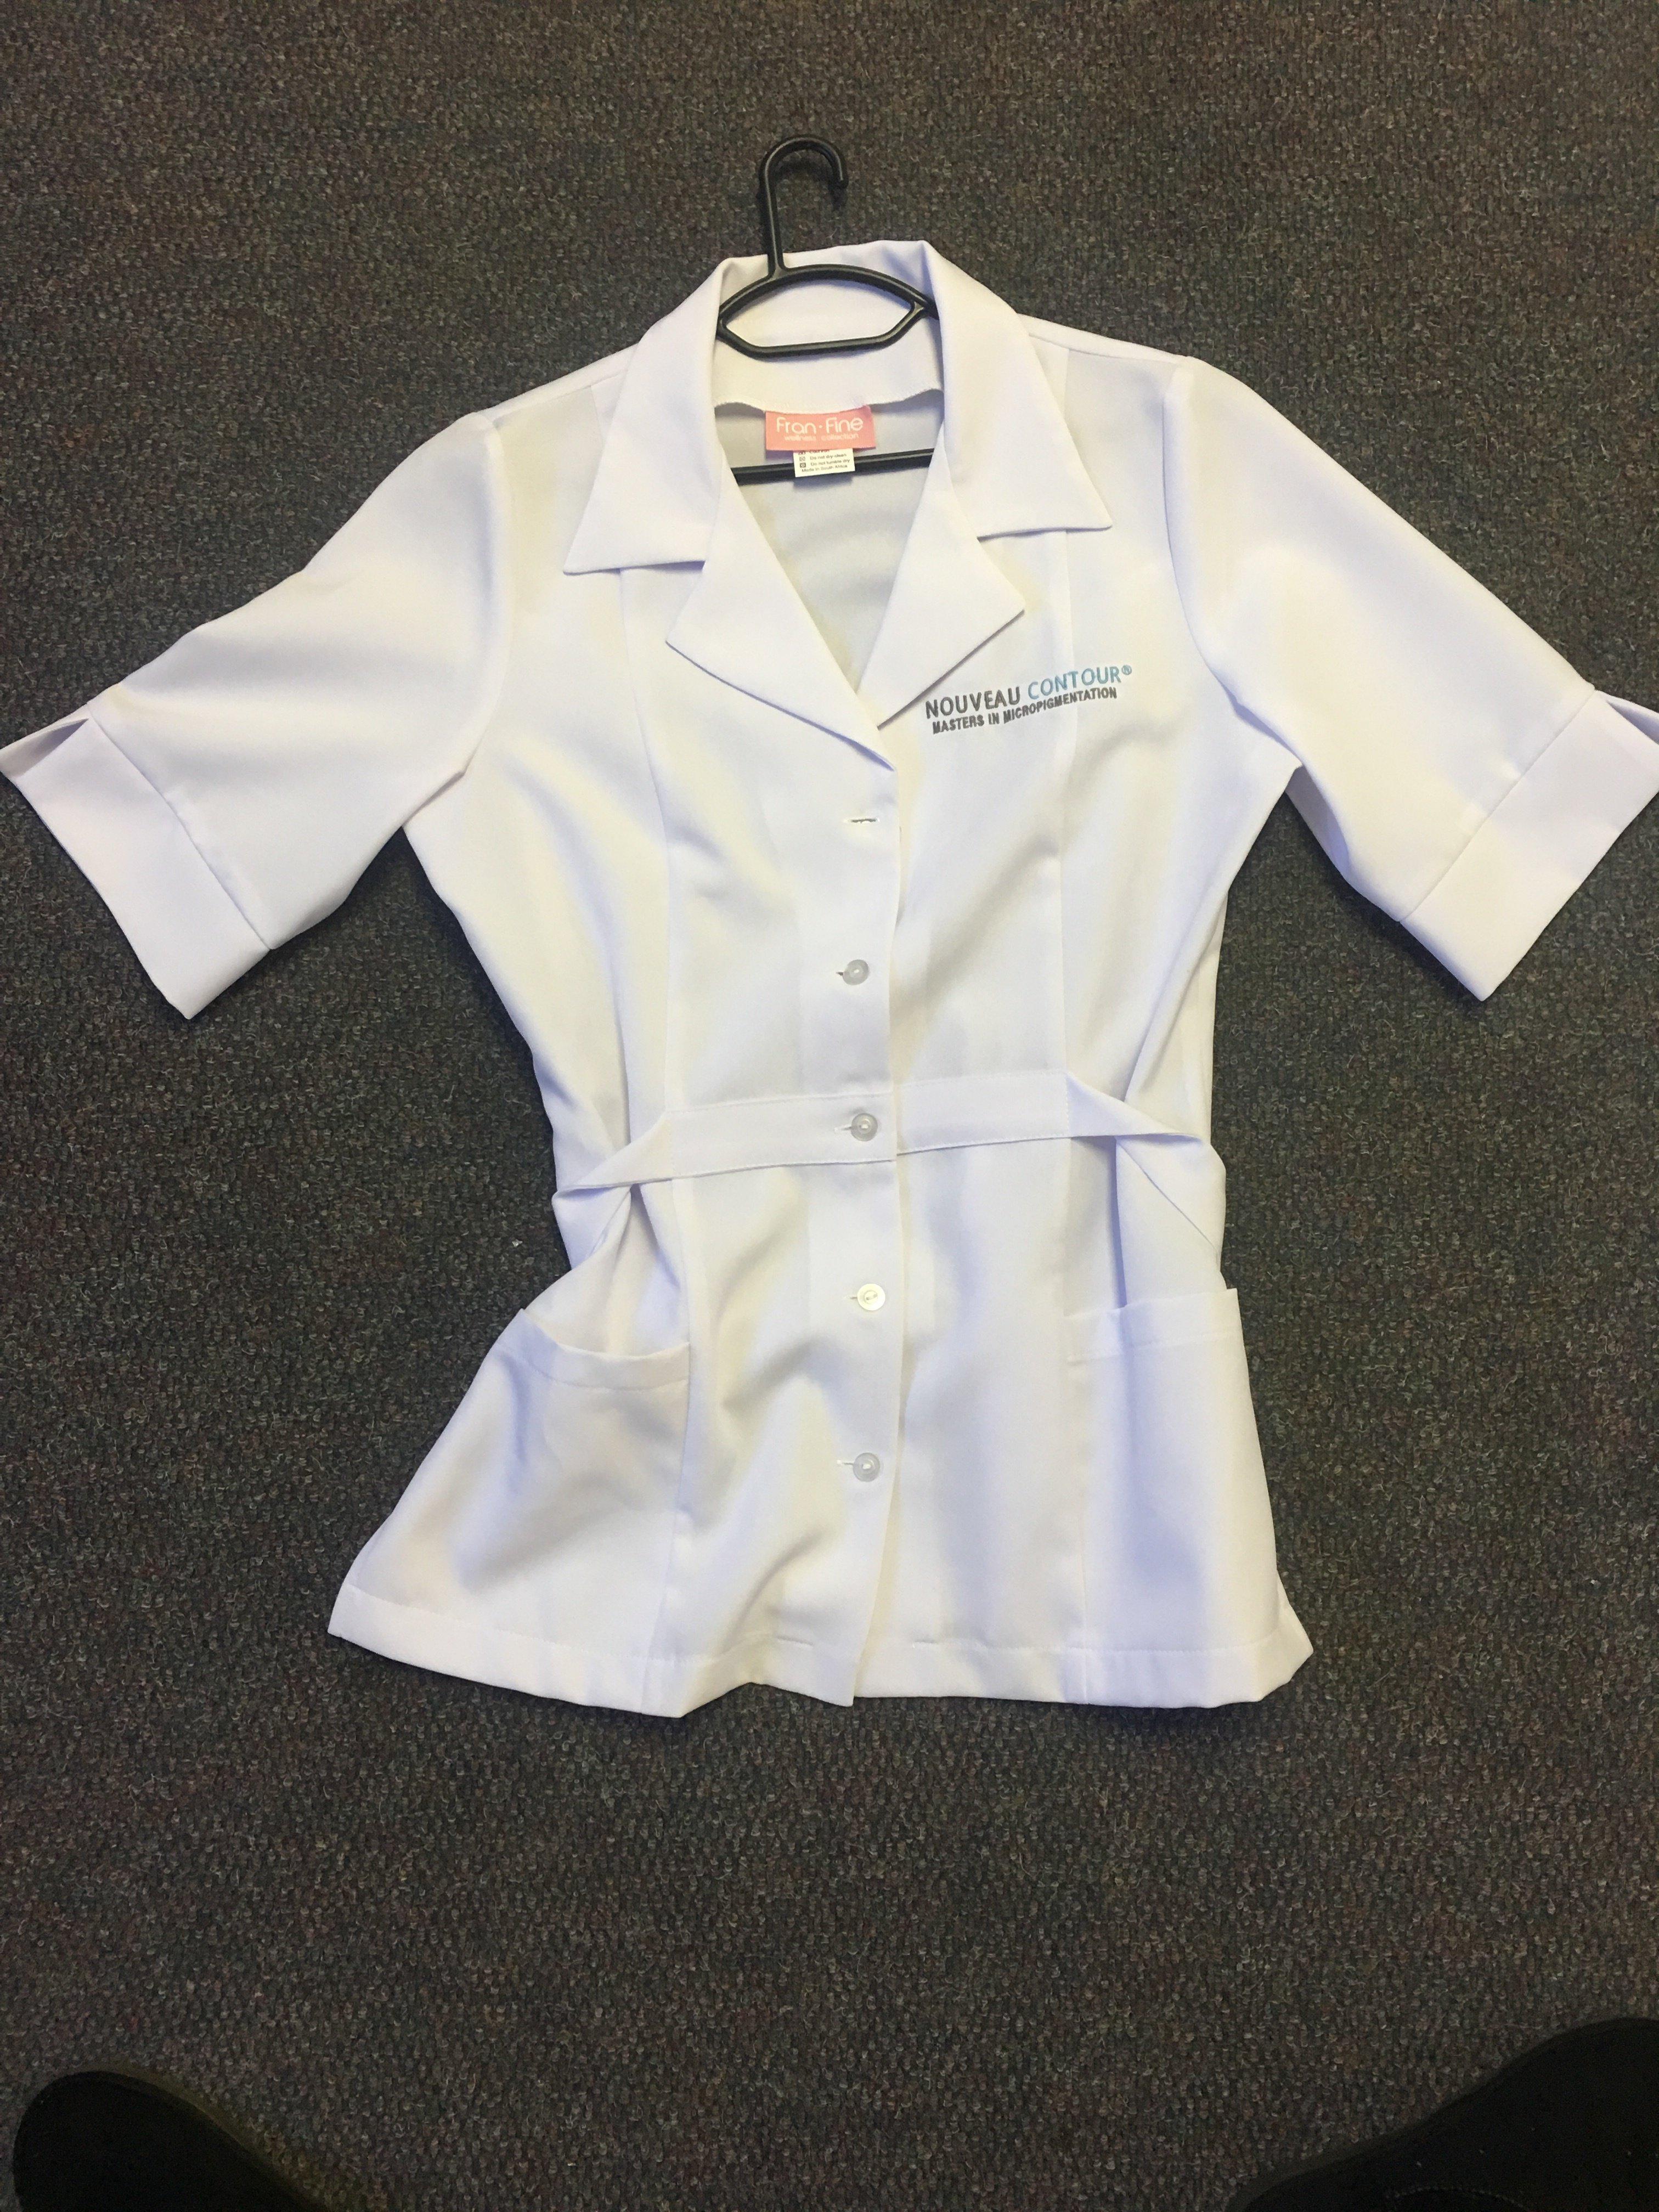 Nouveau Contour Uniform 25210